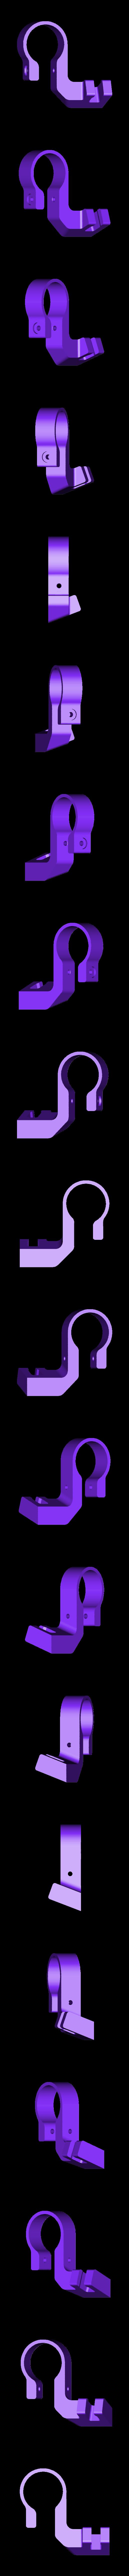 NEW_UNIFIED_-_latest_catcher_improved3.stl Télécharger fichier STL gratuit L'attrapeur de chaîne de vélo • Plan imprimable en 3D, eried